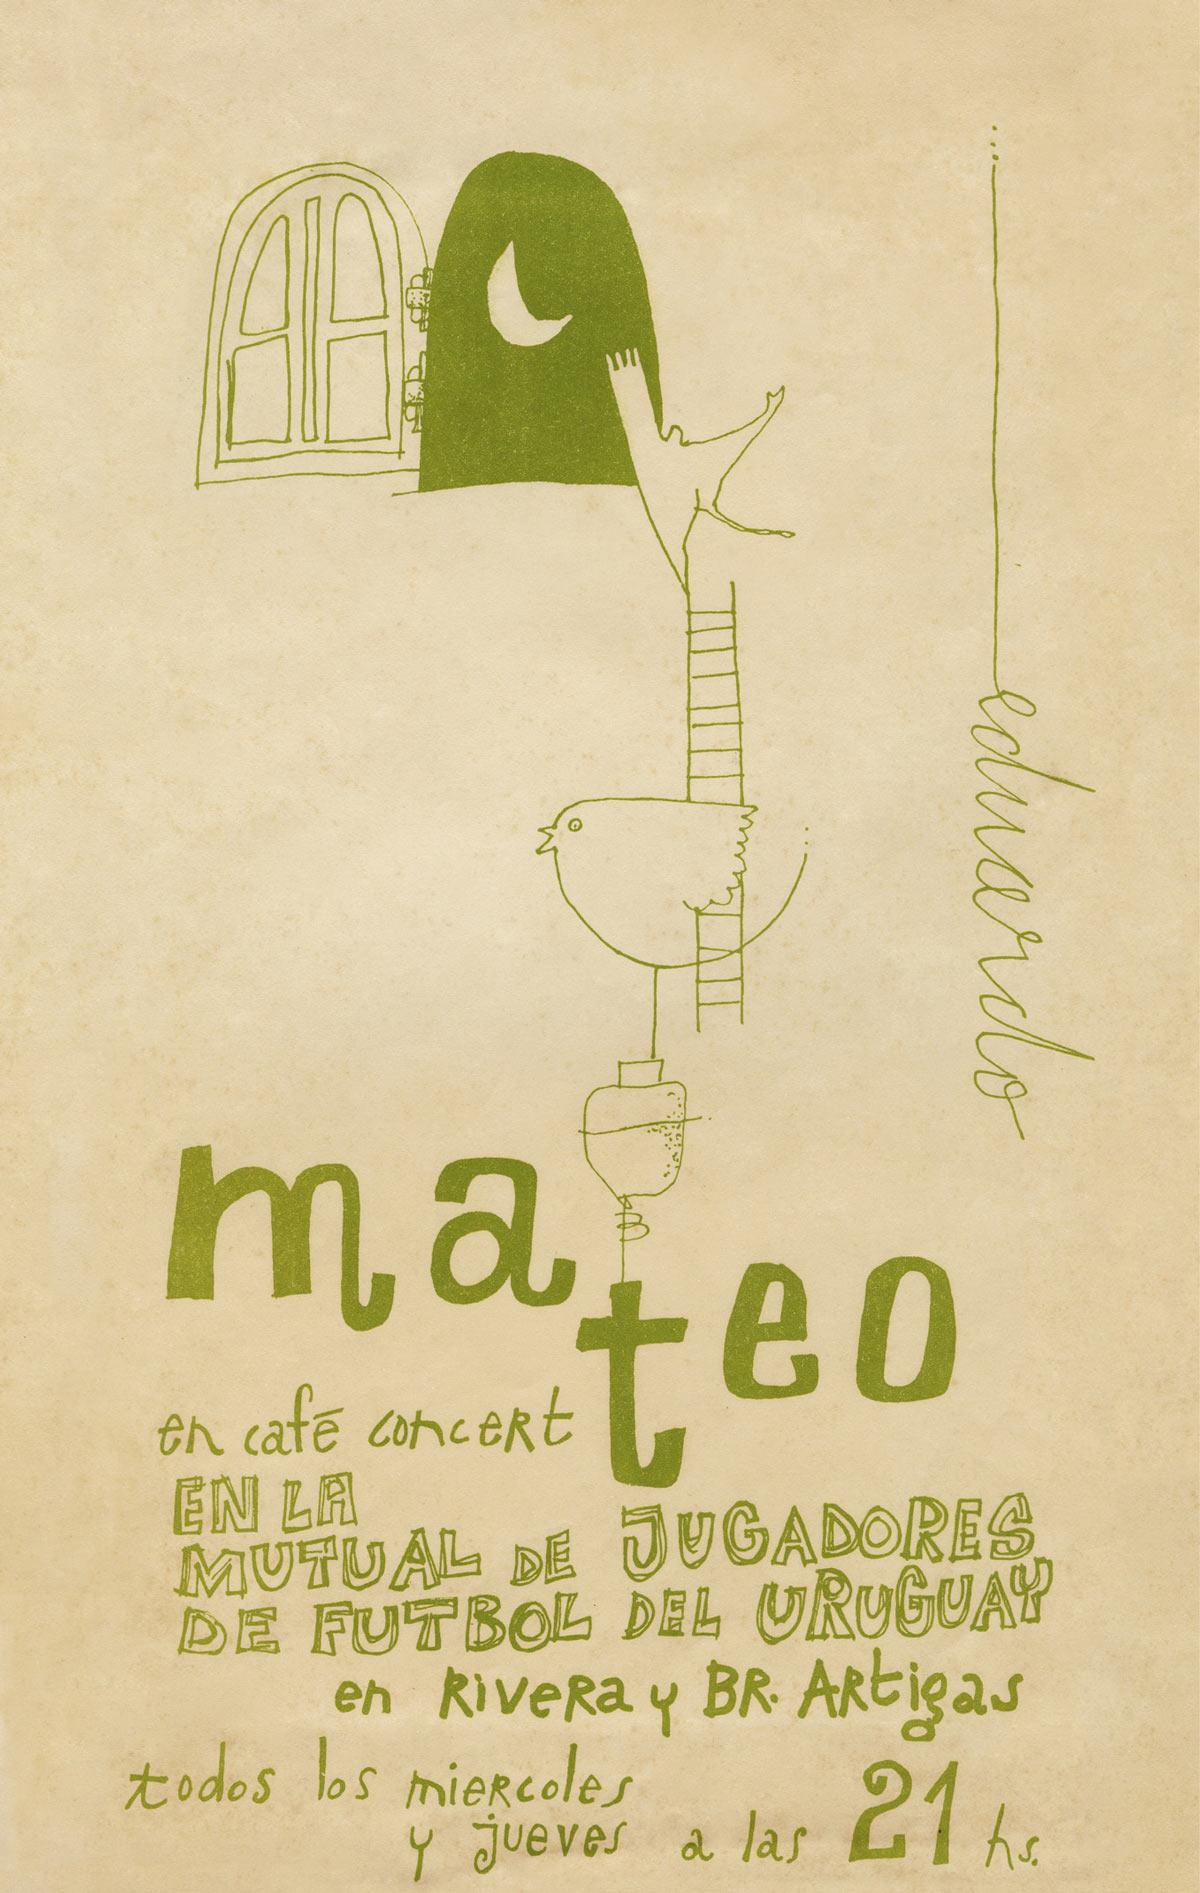 Slanted-1200px-Espectáculo-Eduardo-Mateo-✺-Eduardo-Mateo-Show-✺-Maca-✺-1985